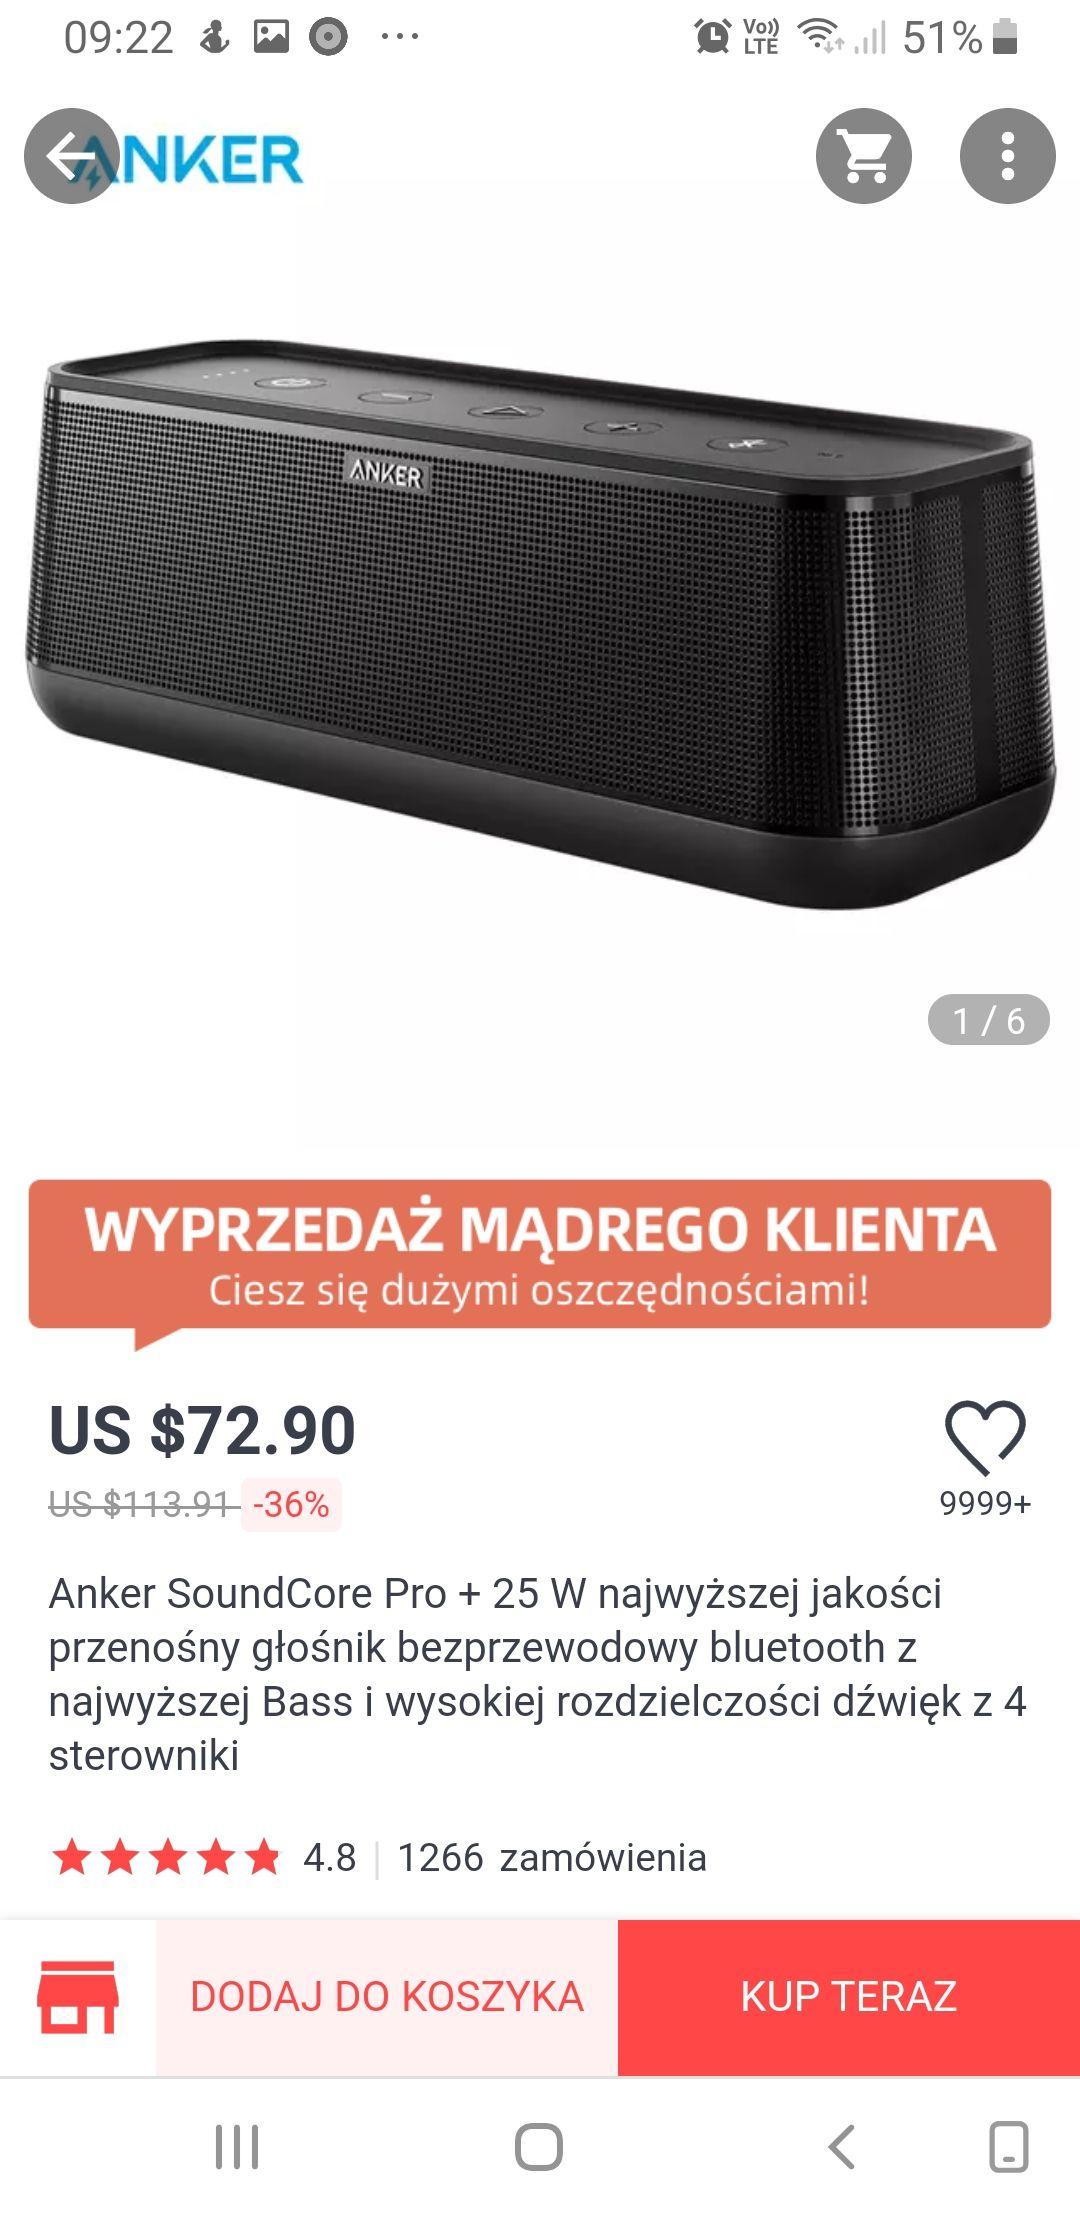 Anker pro + 25W 8000mAh najlepszy głośnik w tej cenie 57,90$